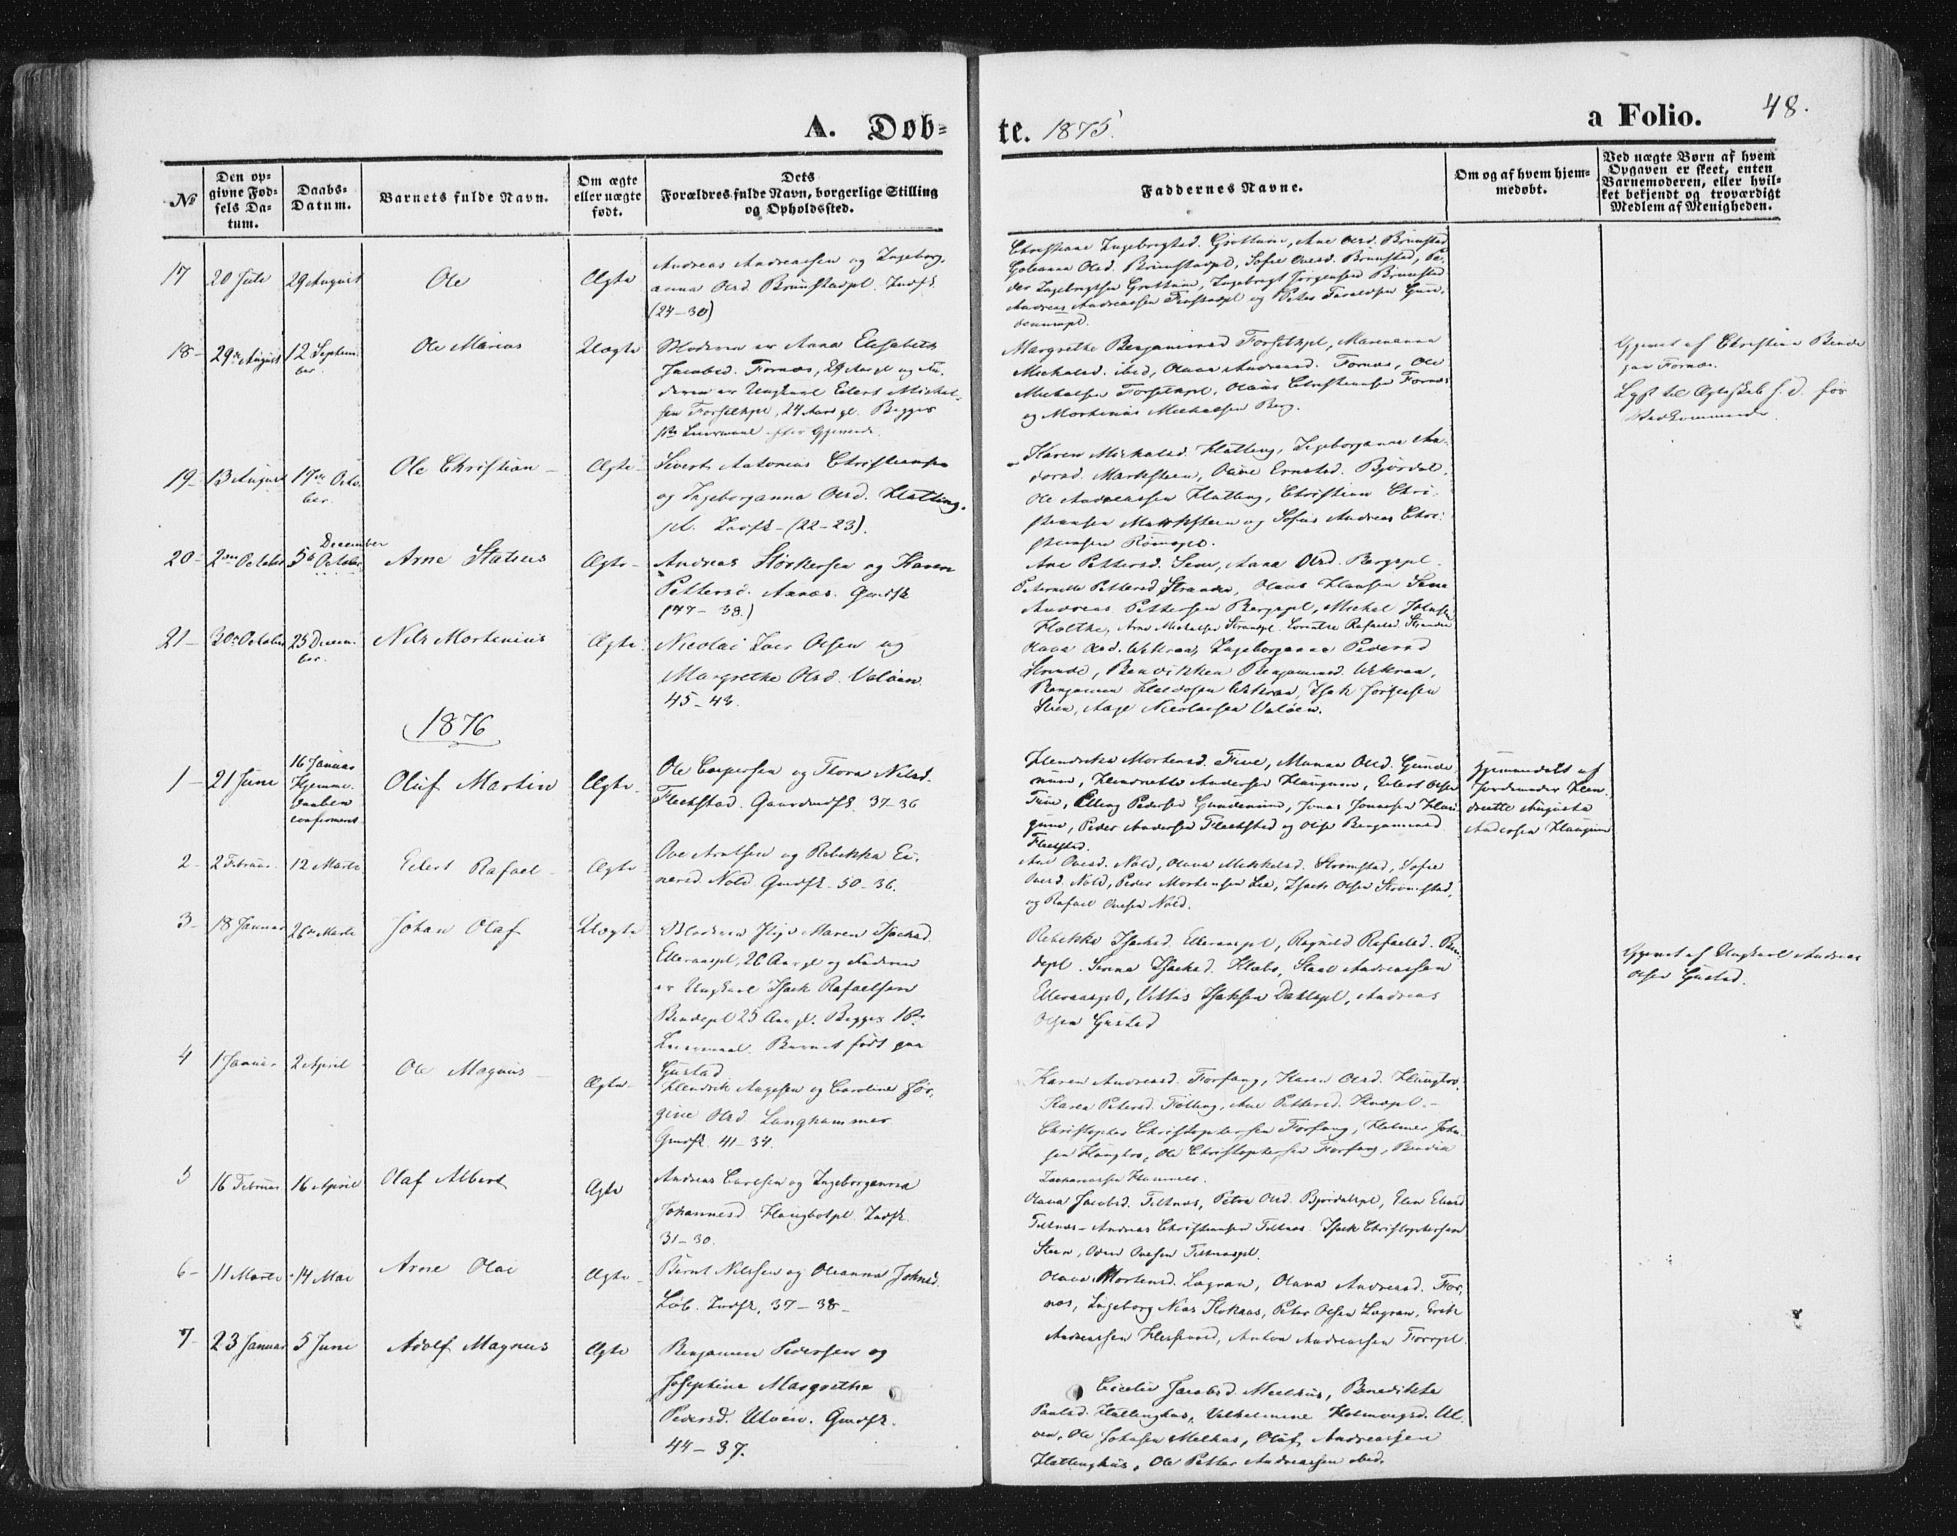 SAT, Ministerialprotokoller, klokkerbøker og fødselsregistre - Nord-Trøndelag, 746/L0447: Ministerialbok nr. 746A06, 1860-1877, s. 48